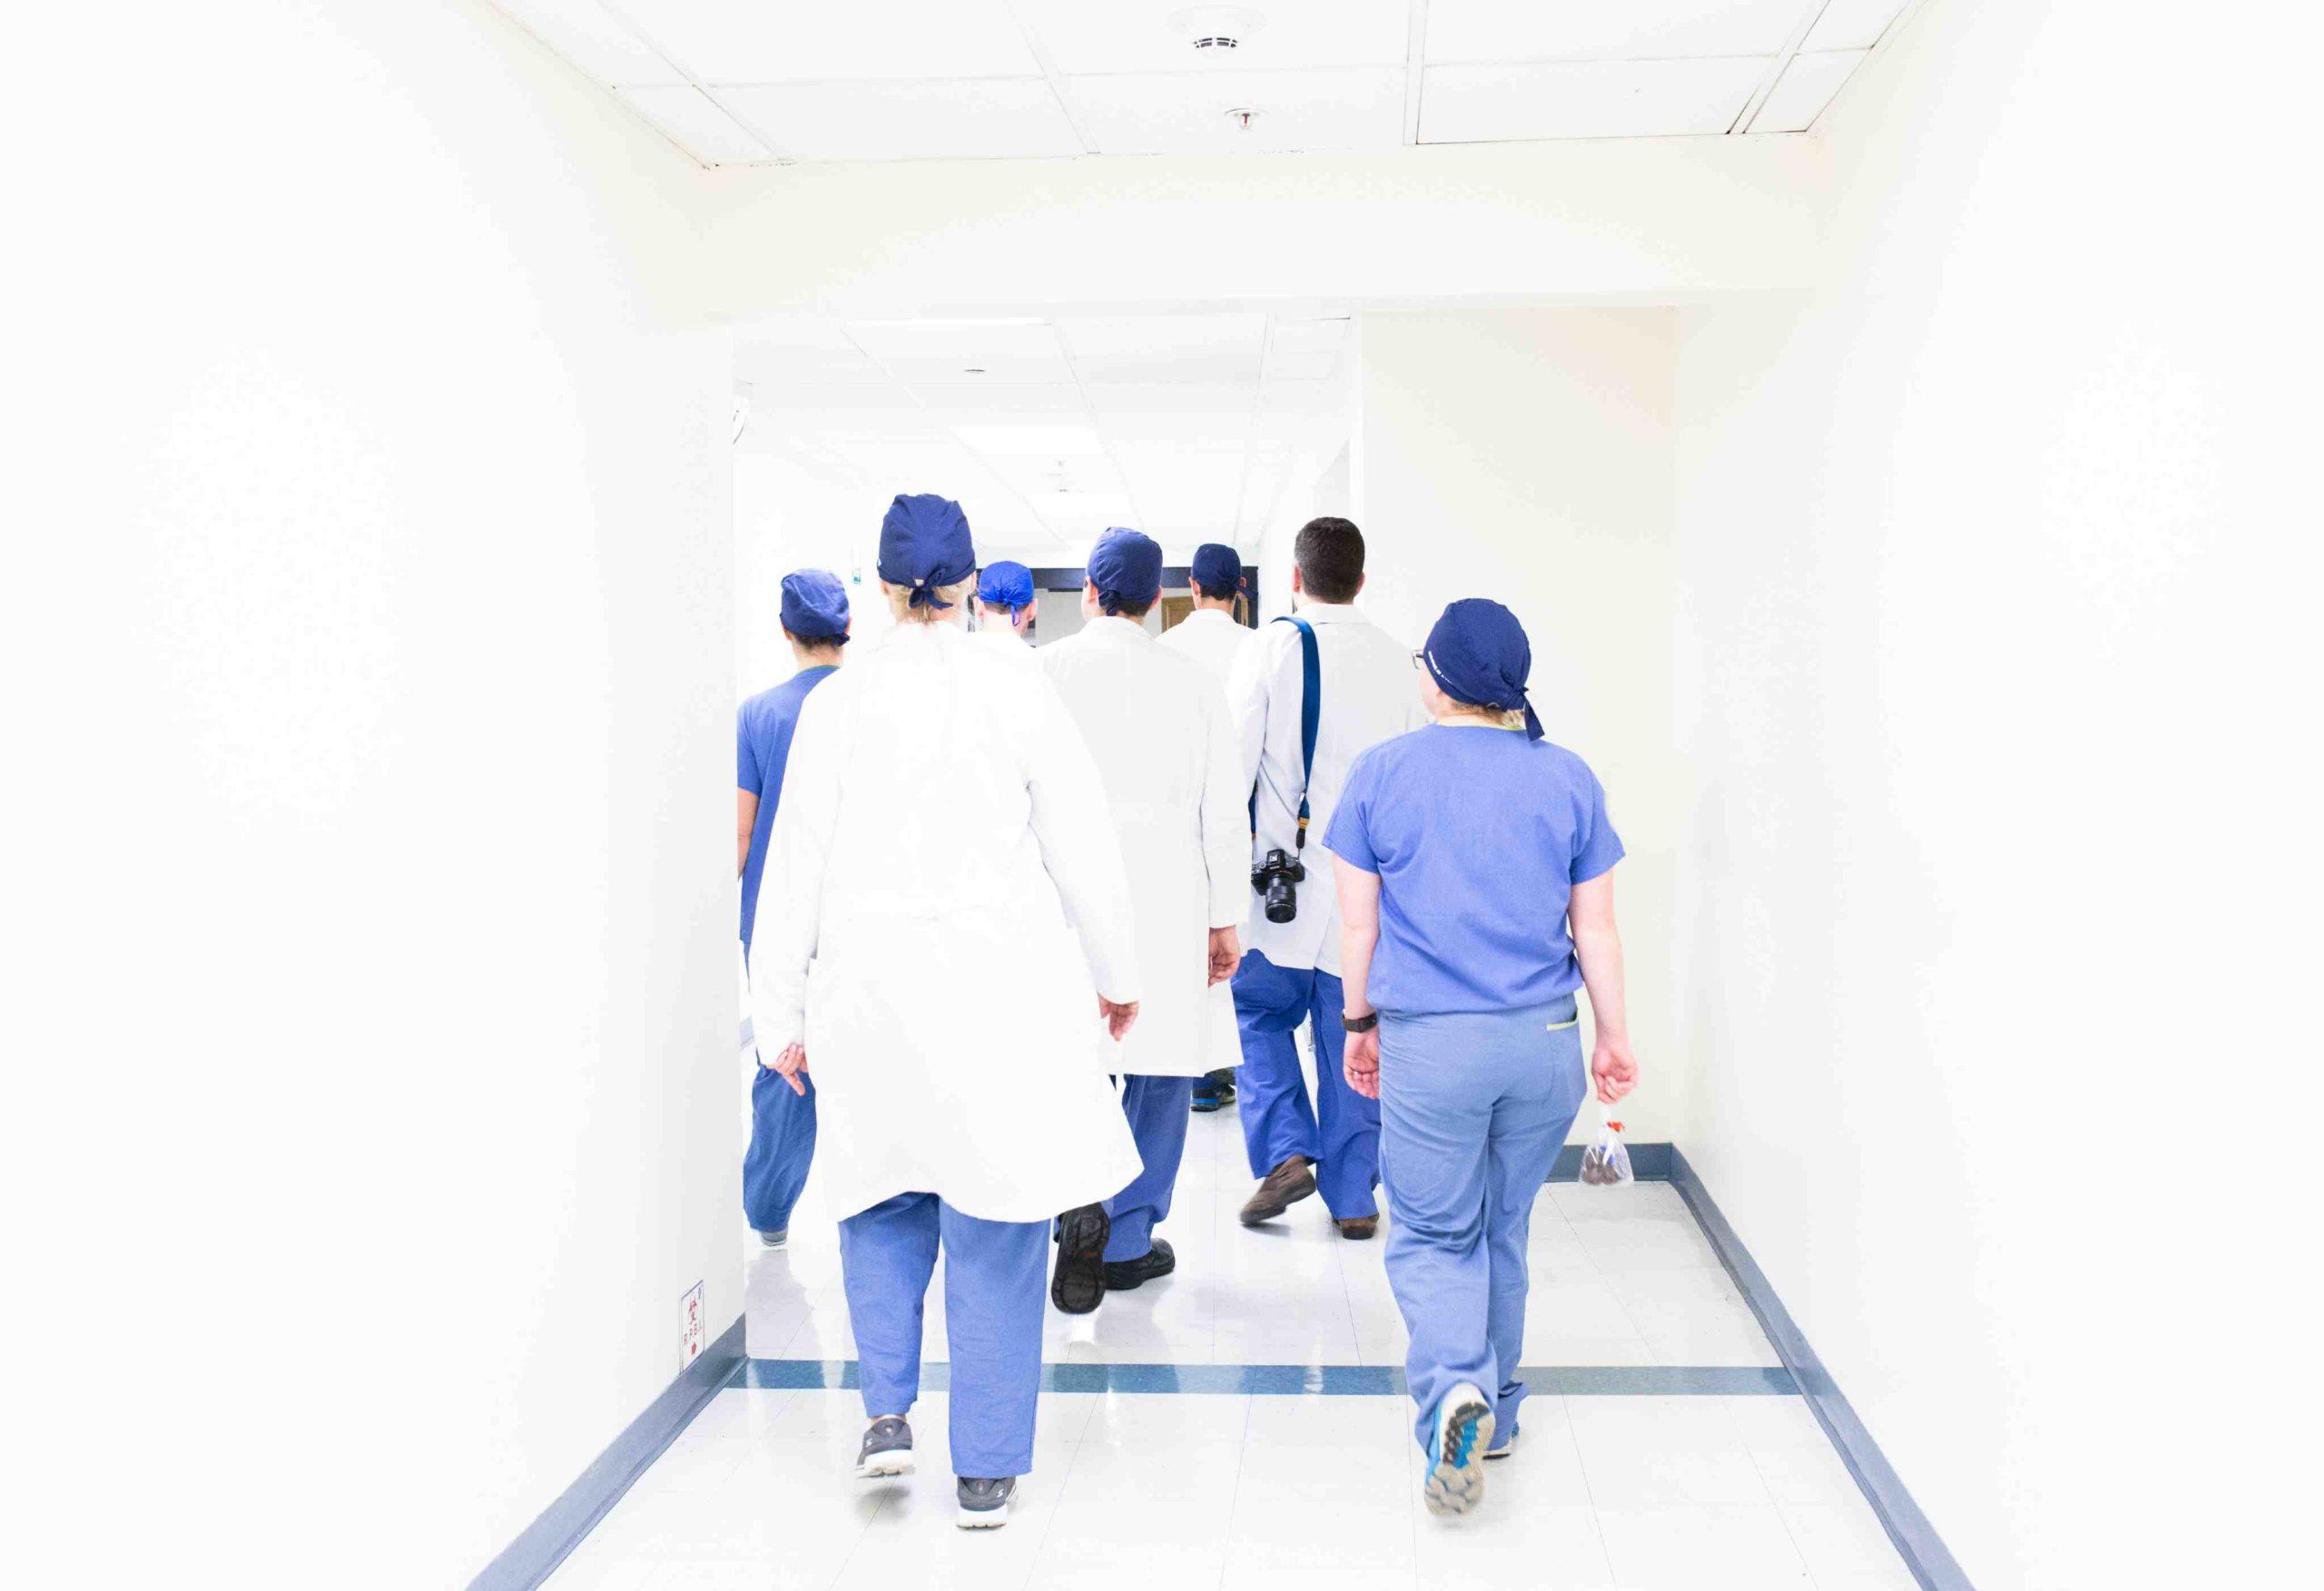 Menschen im Spital gehen am Gang